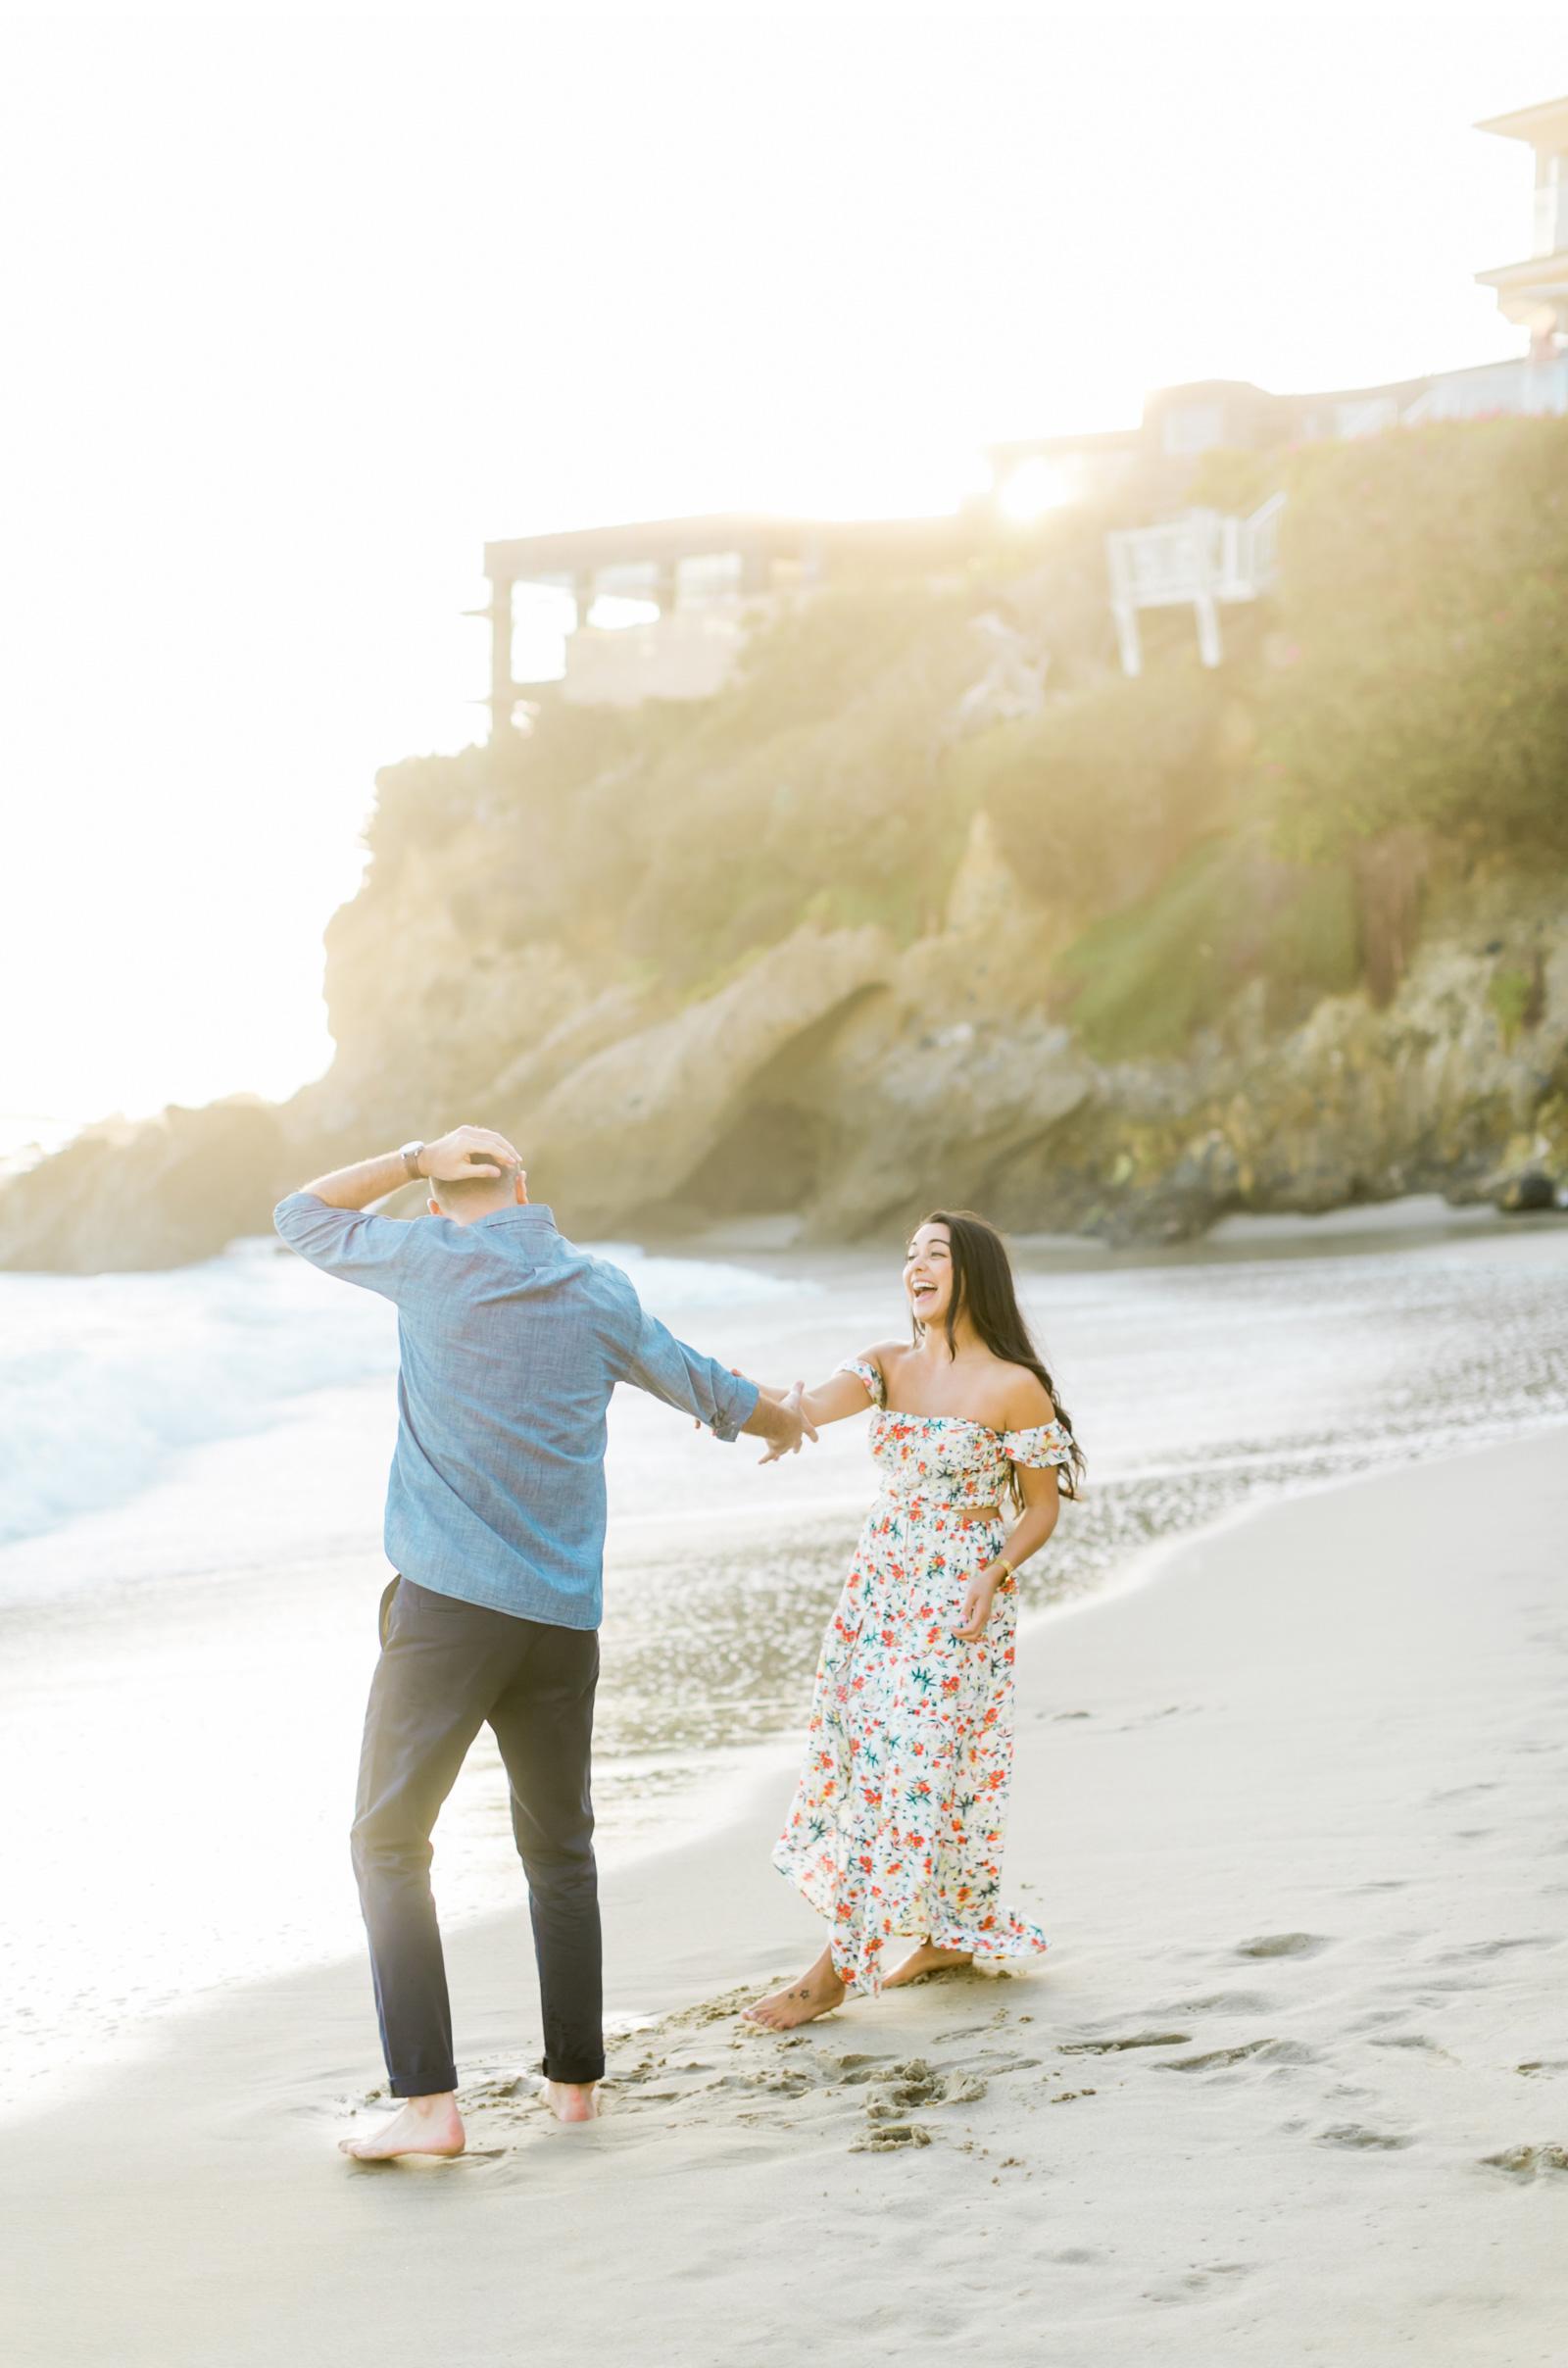 Pelican-Hill-Laguna-Beach-Wedding-Photographer-Natalie-Schutt-Photography_09.jpg